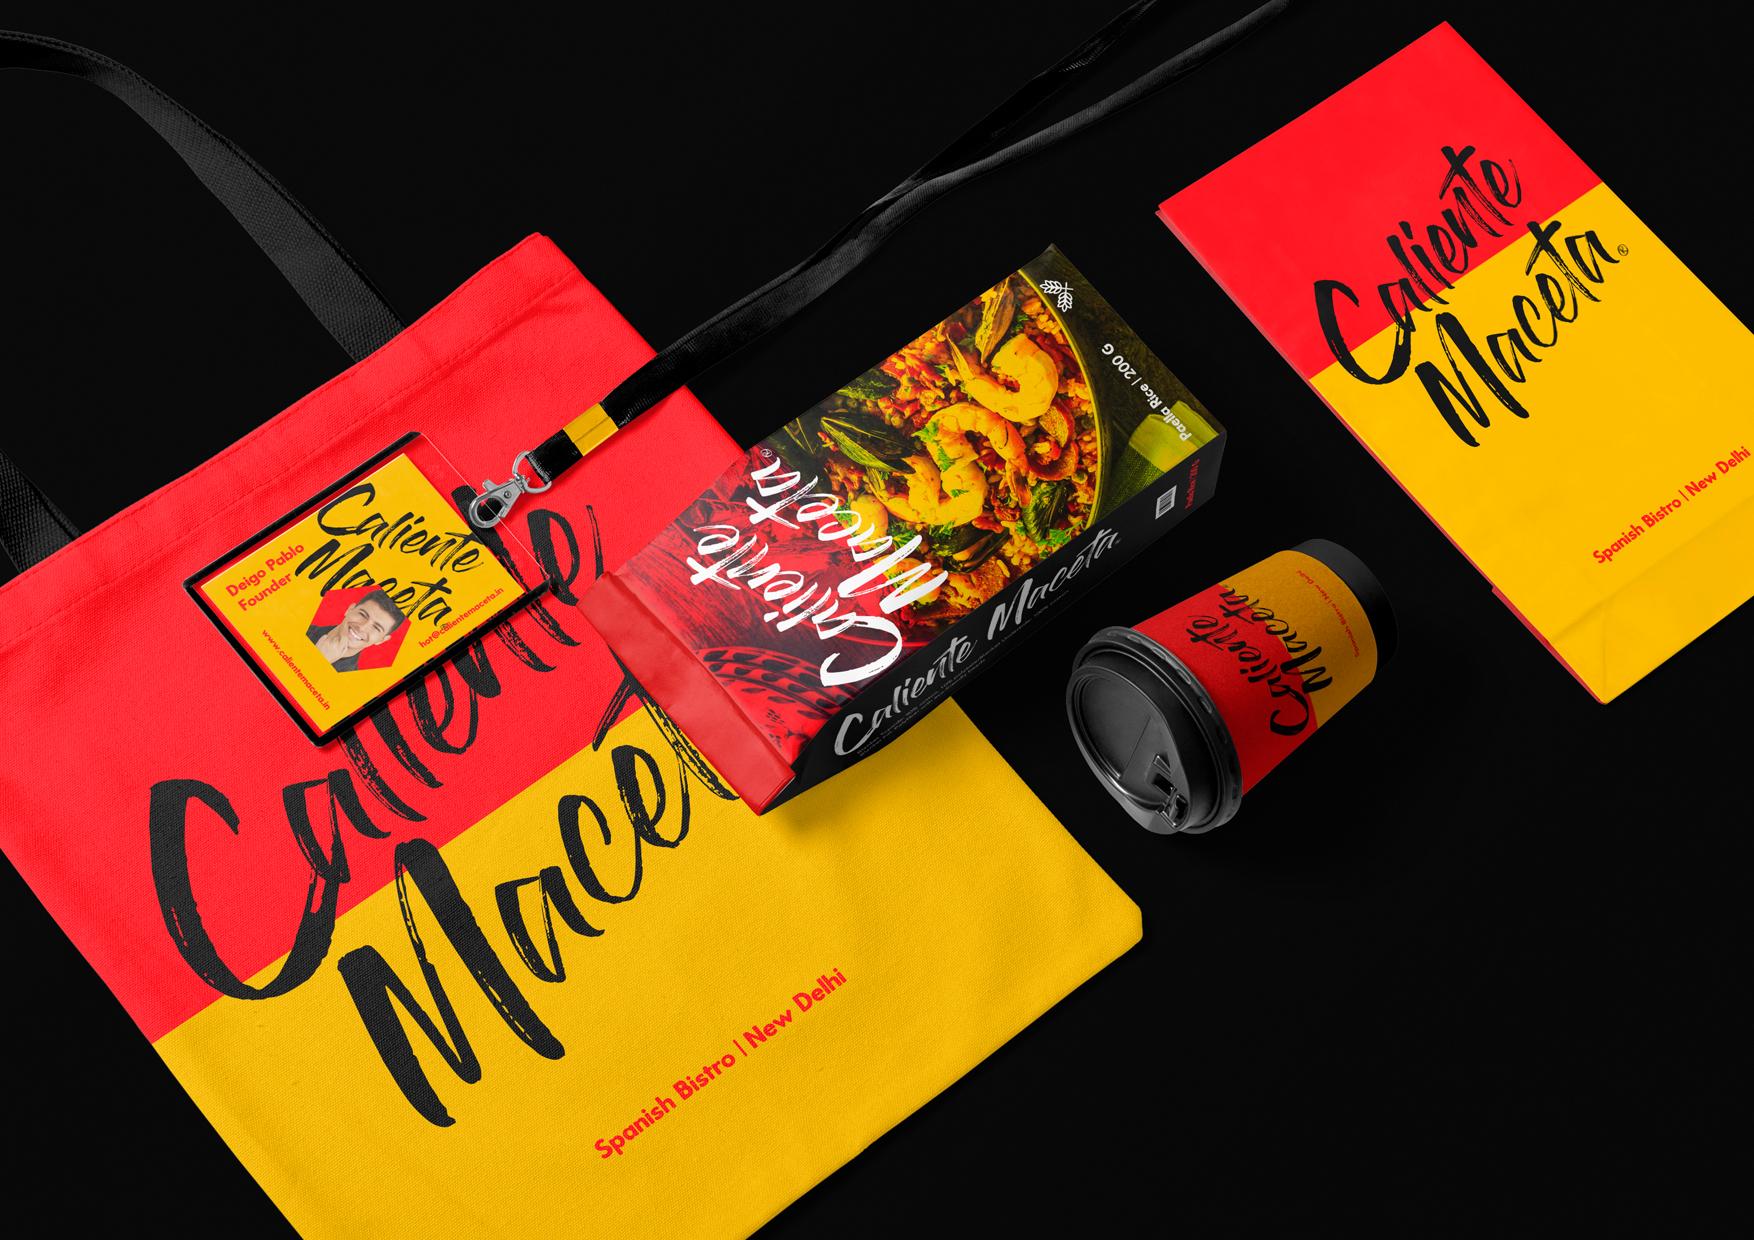 Caliente Maceta | Spanish Bistro